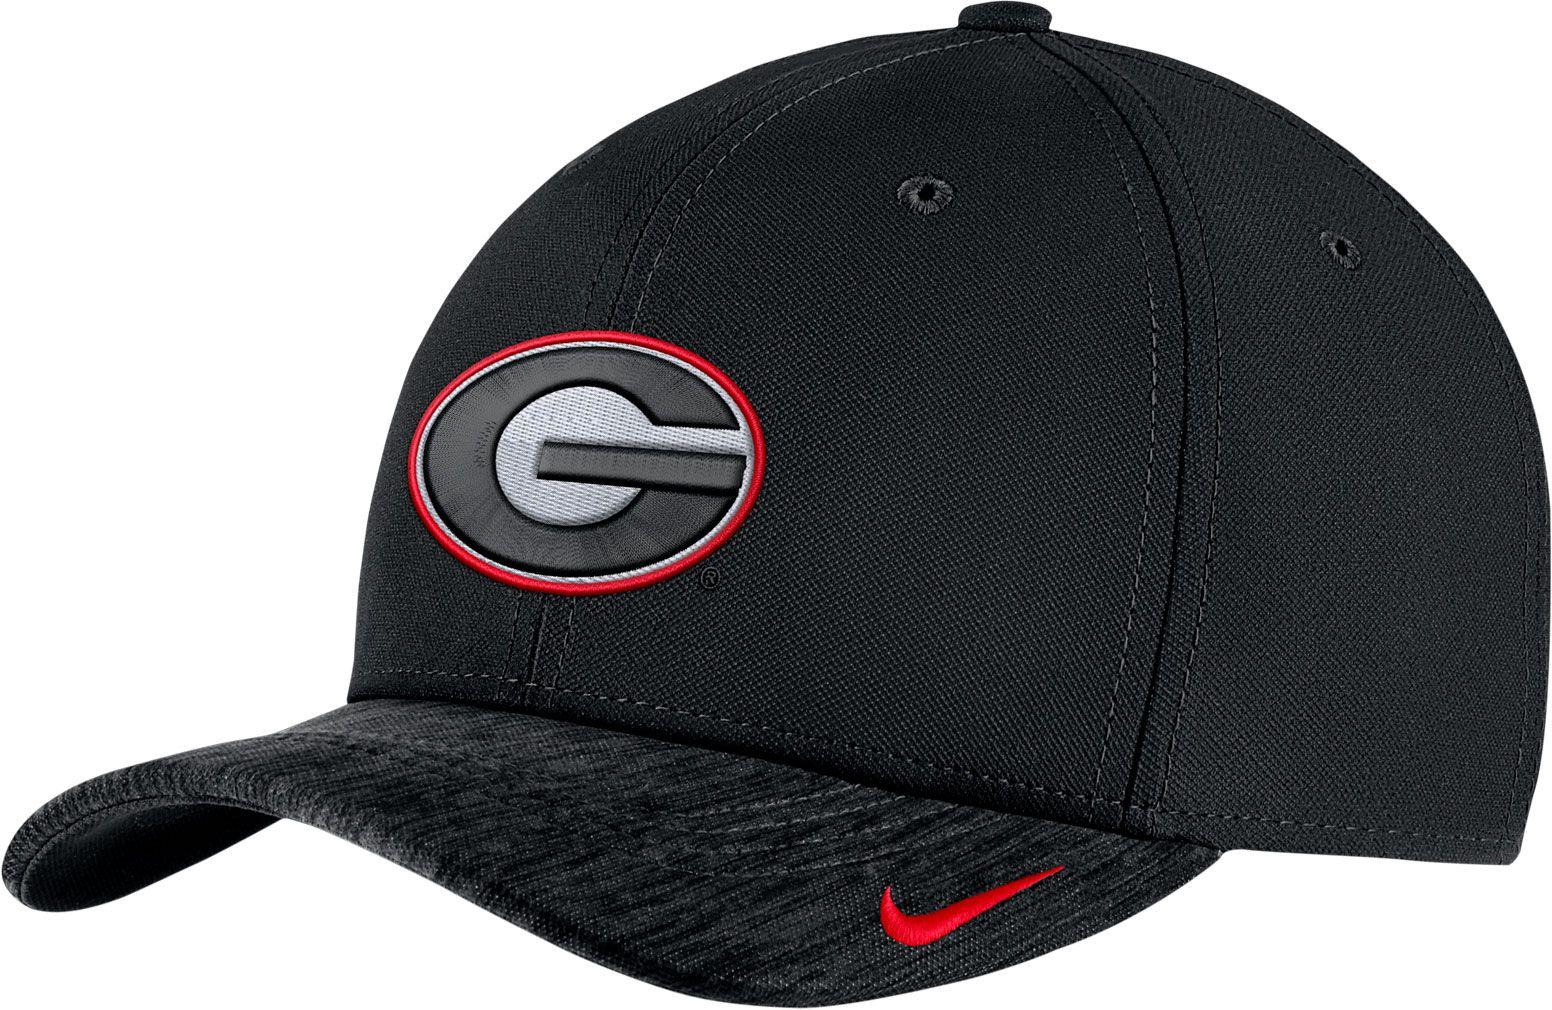 d392f8885d8623 Nike Men's Georgia Bulldogs Black Aerobill Swoosh Flex Classic99 ...